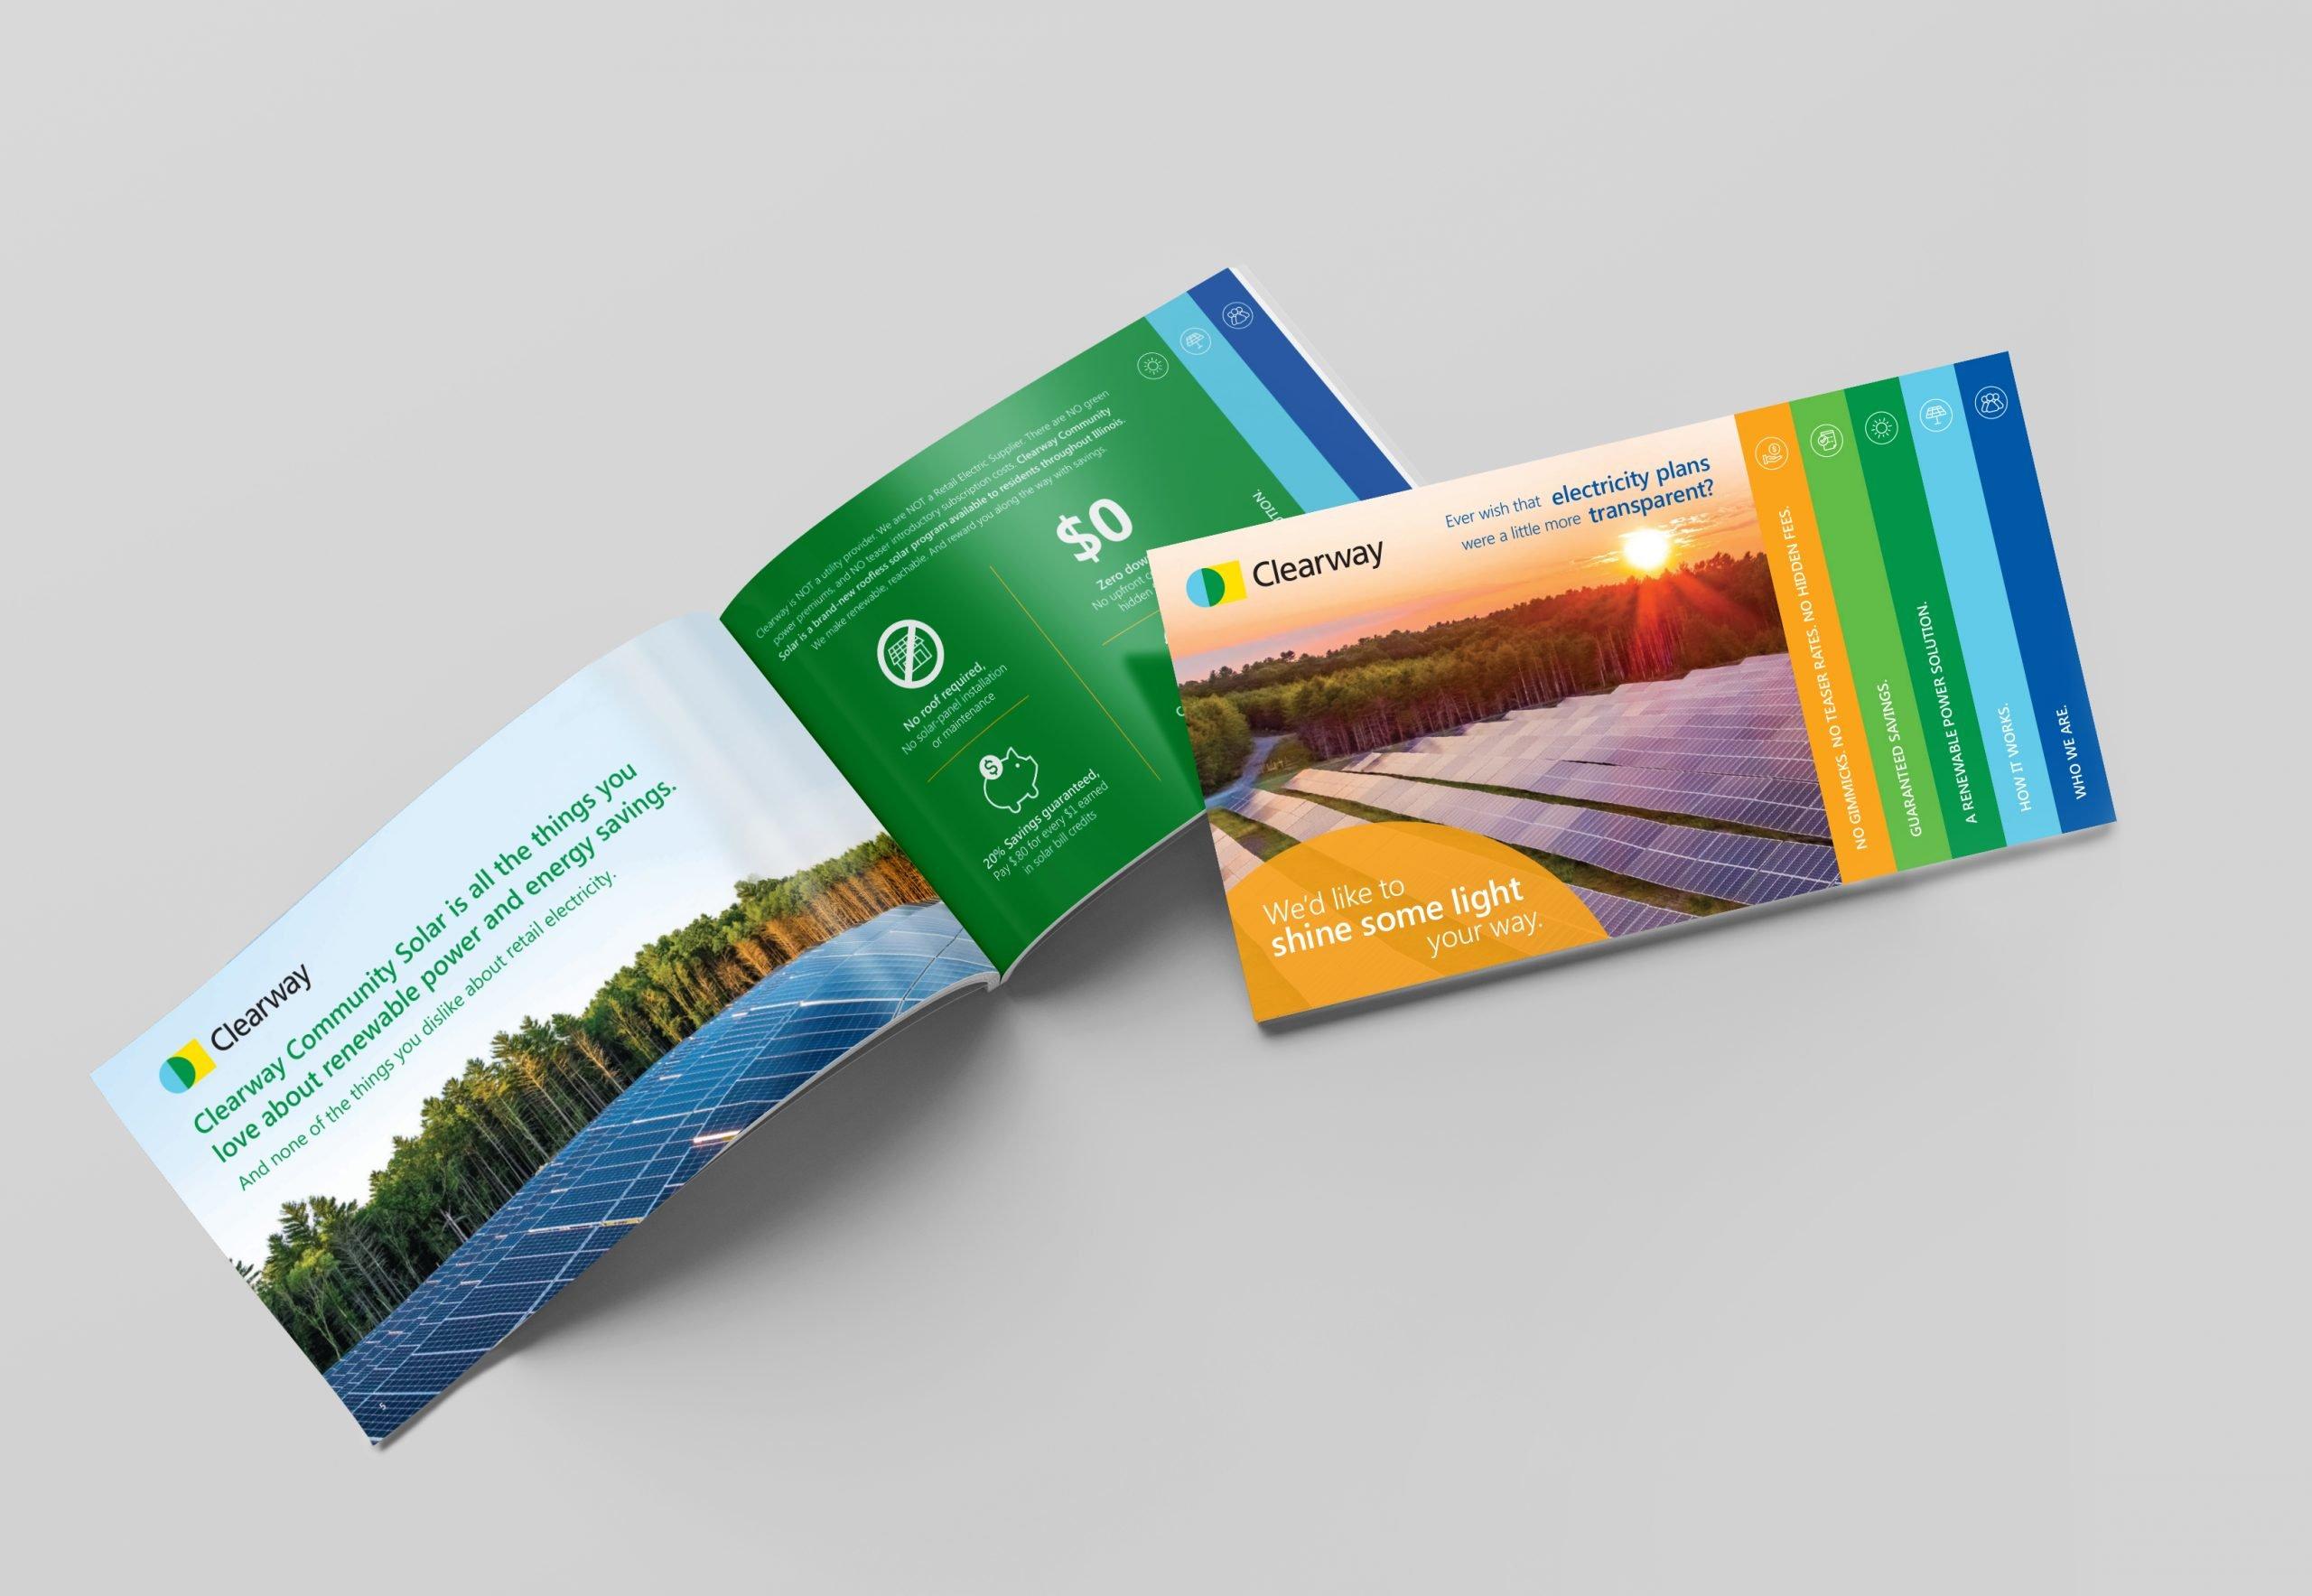 Clearway Community Solar Brochure